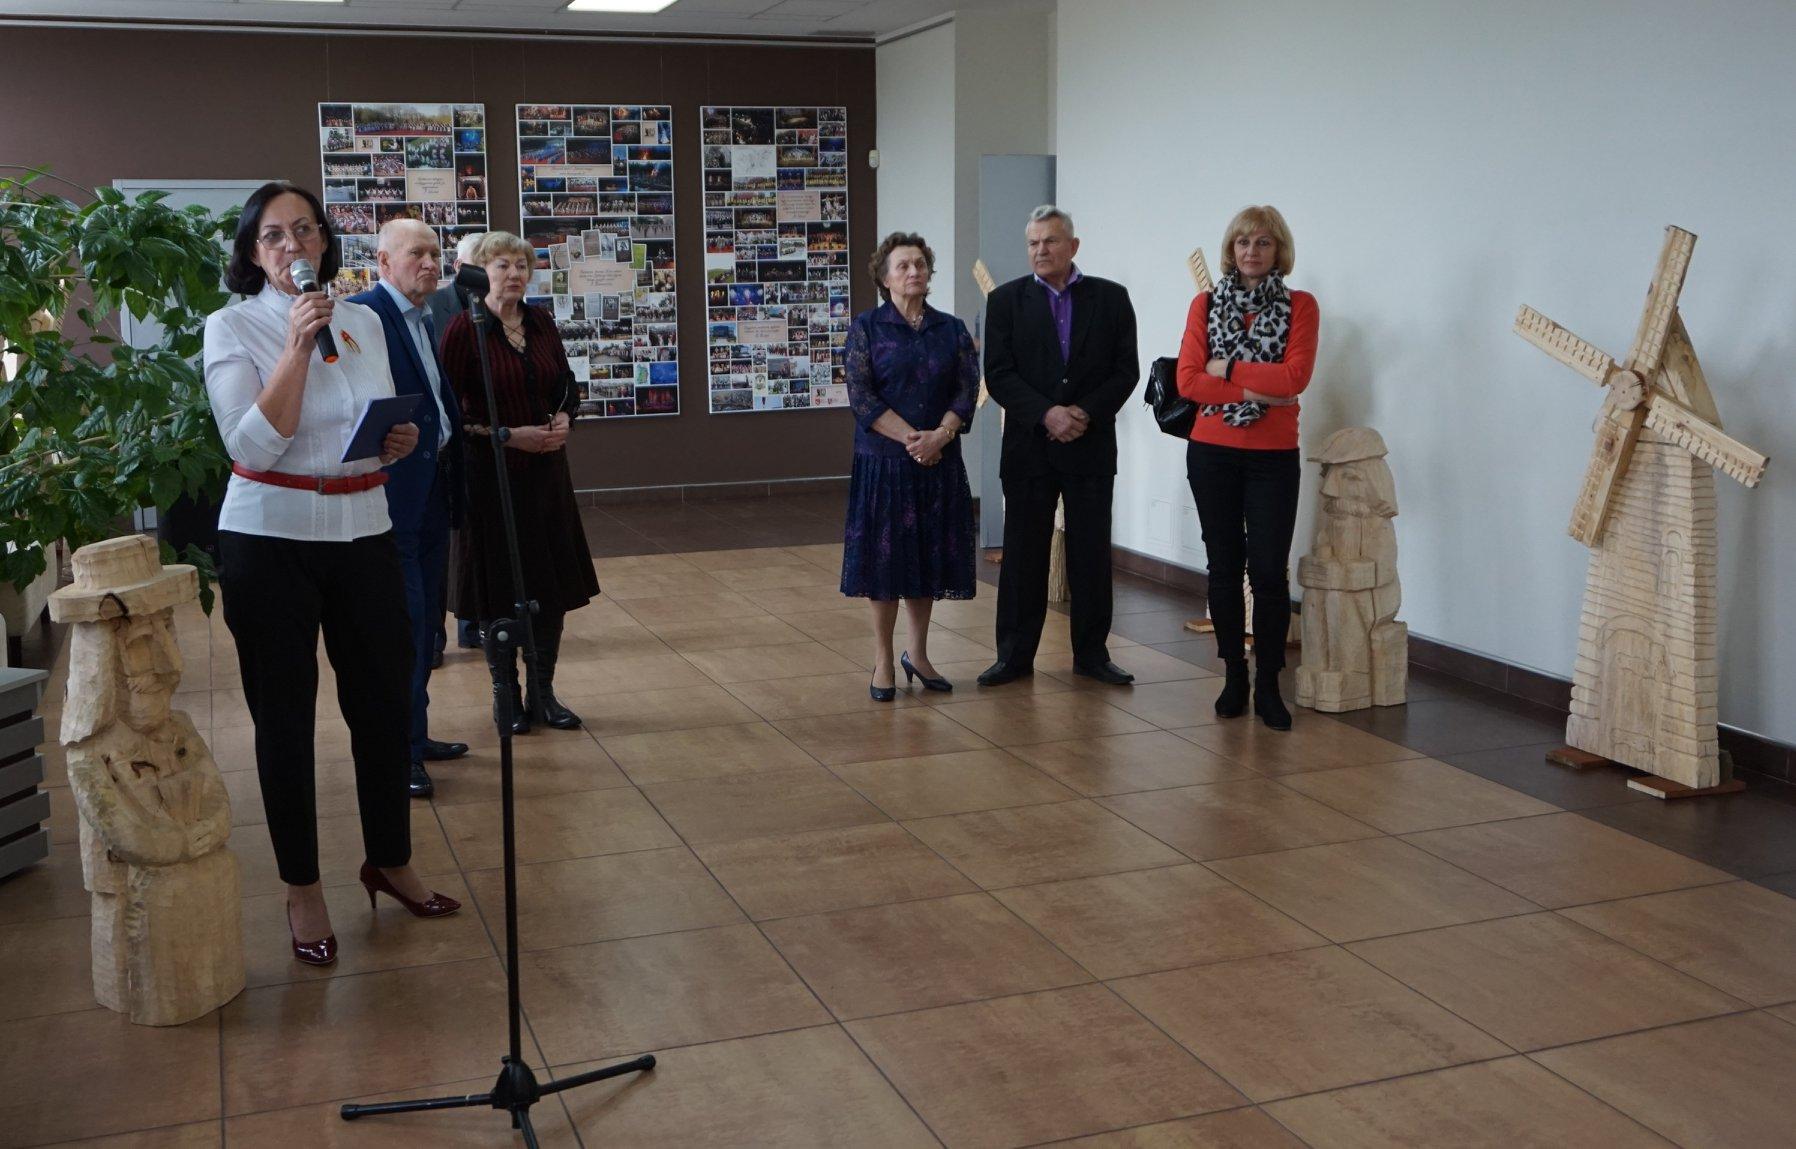 2020-03-11 Lietuvos nepriklausomybės atkūrimo 30-mečiui paminėti skirtos parodos